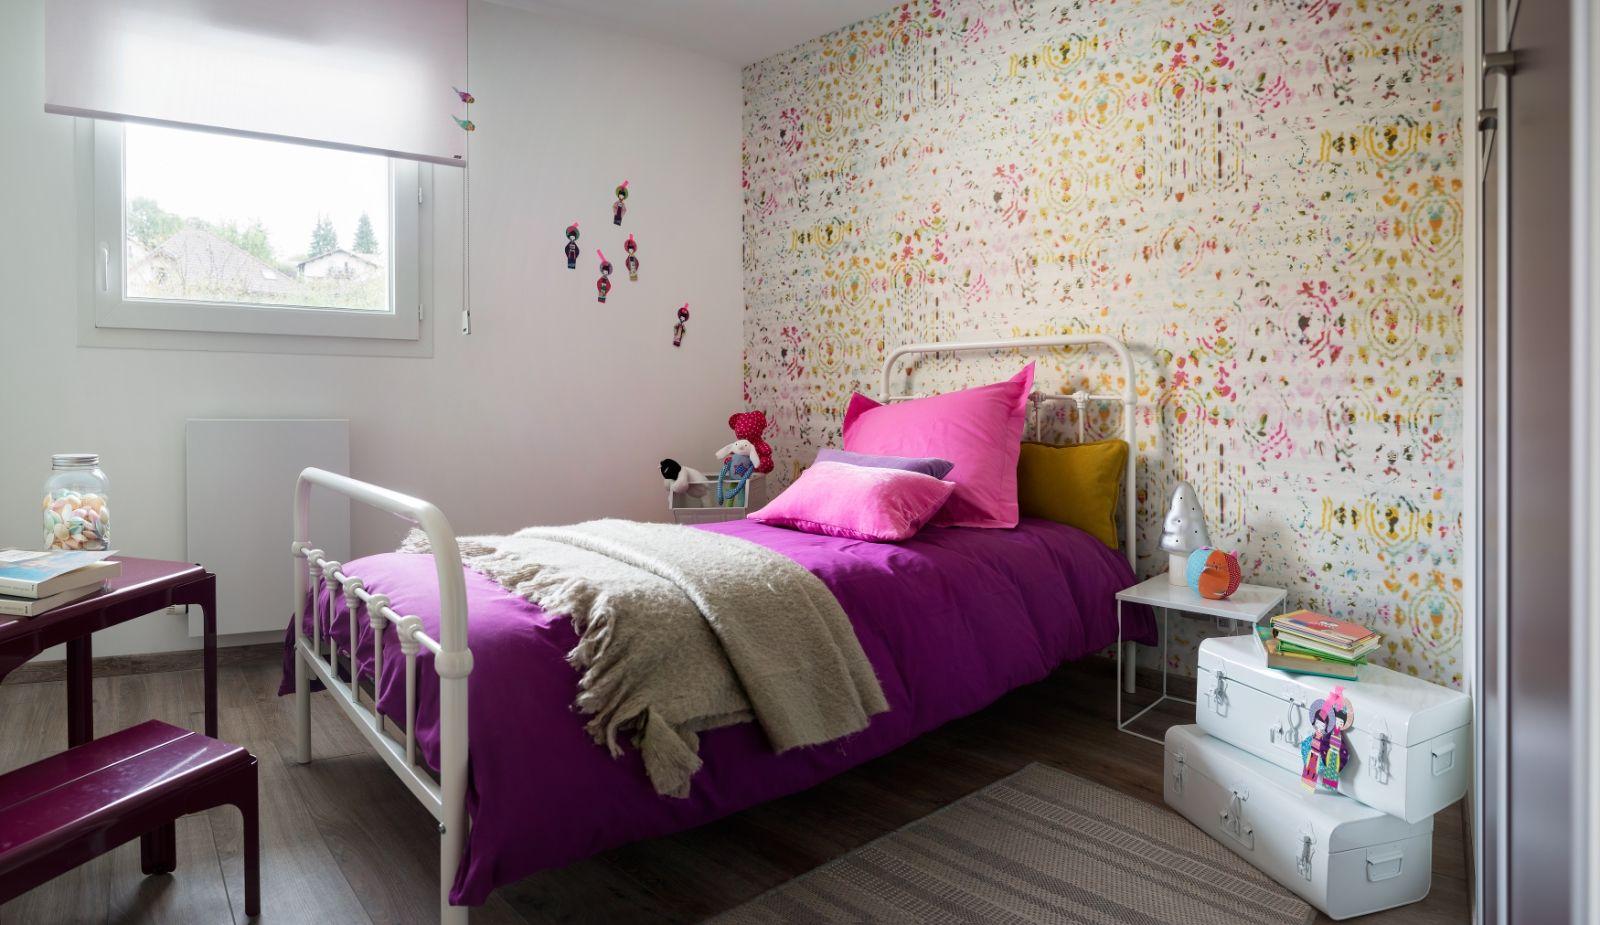 chambre d 39 enfant fille rose tapisserie moderne et. Black Bedroom Furniture Sets. Home Design Ideas